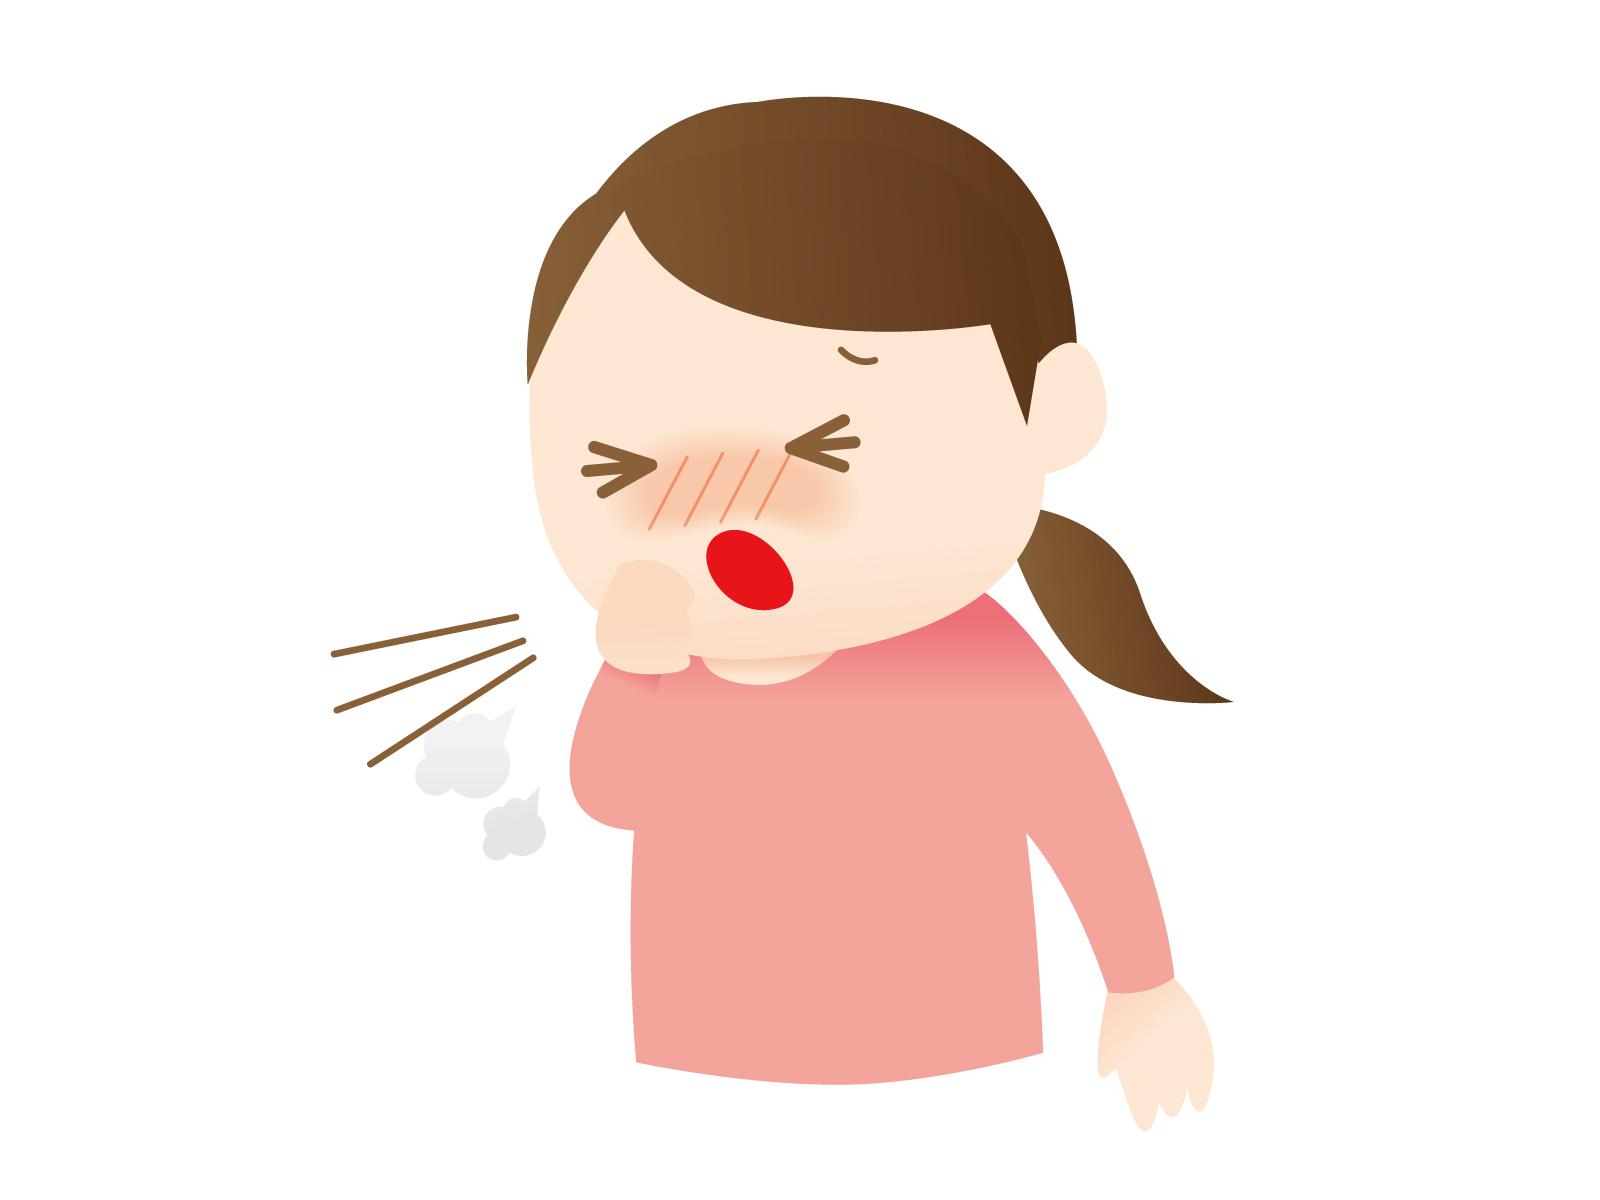 喉が痛いときに考えられる原因と病気の可能性にはどんなものがある?